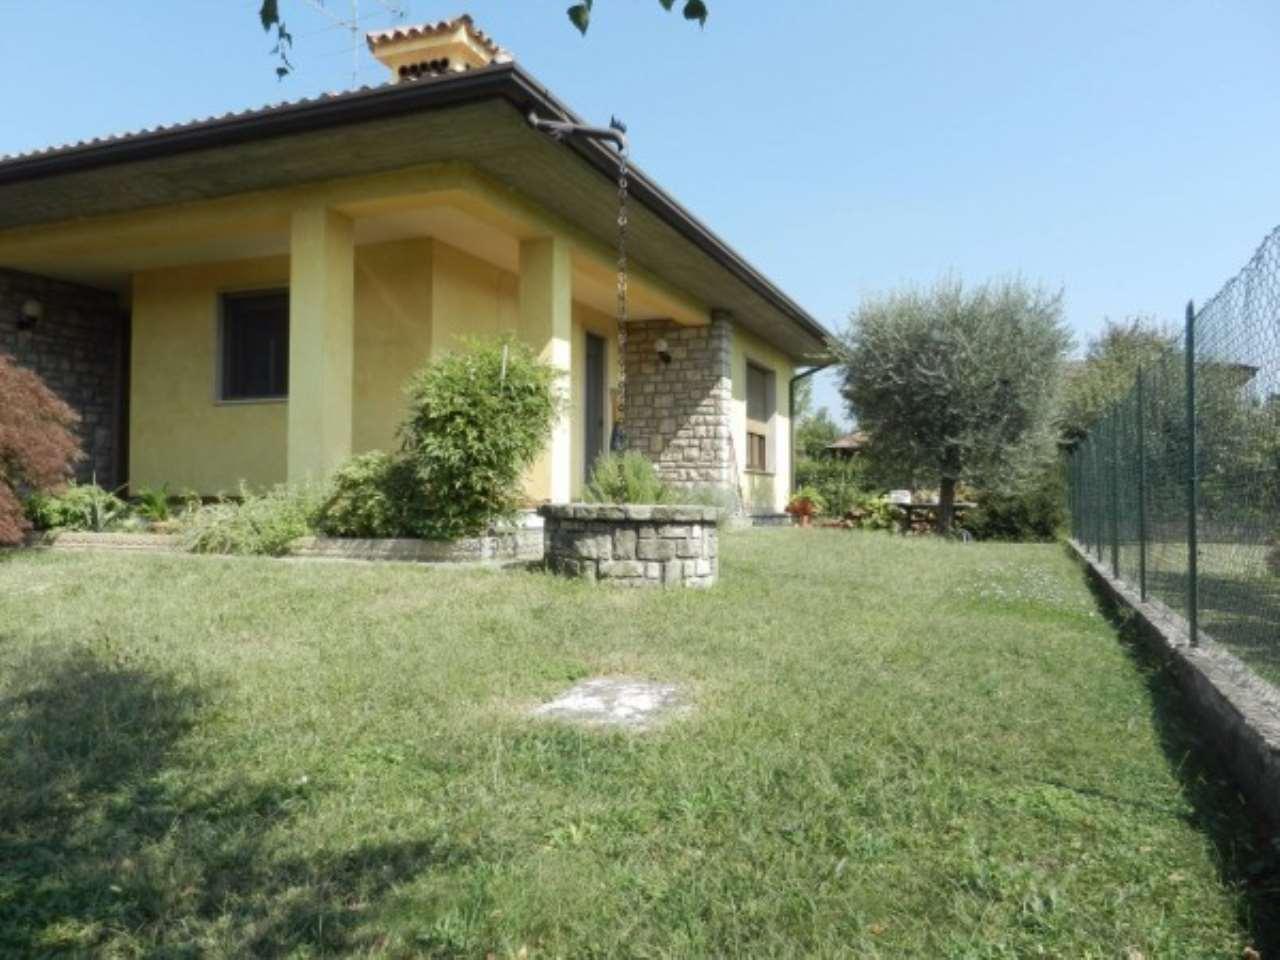 Villa in vendita a Nuvolera, 2 locali, prezzo € 295.000   CambioCasa.it